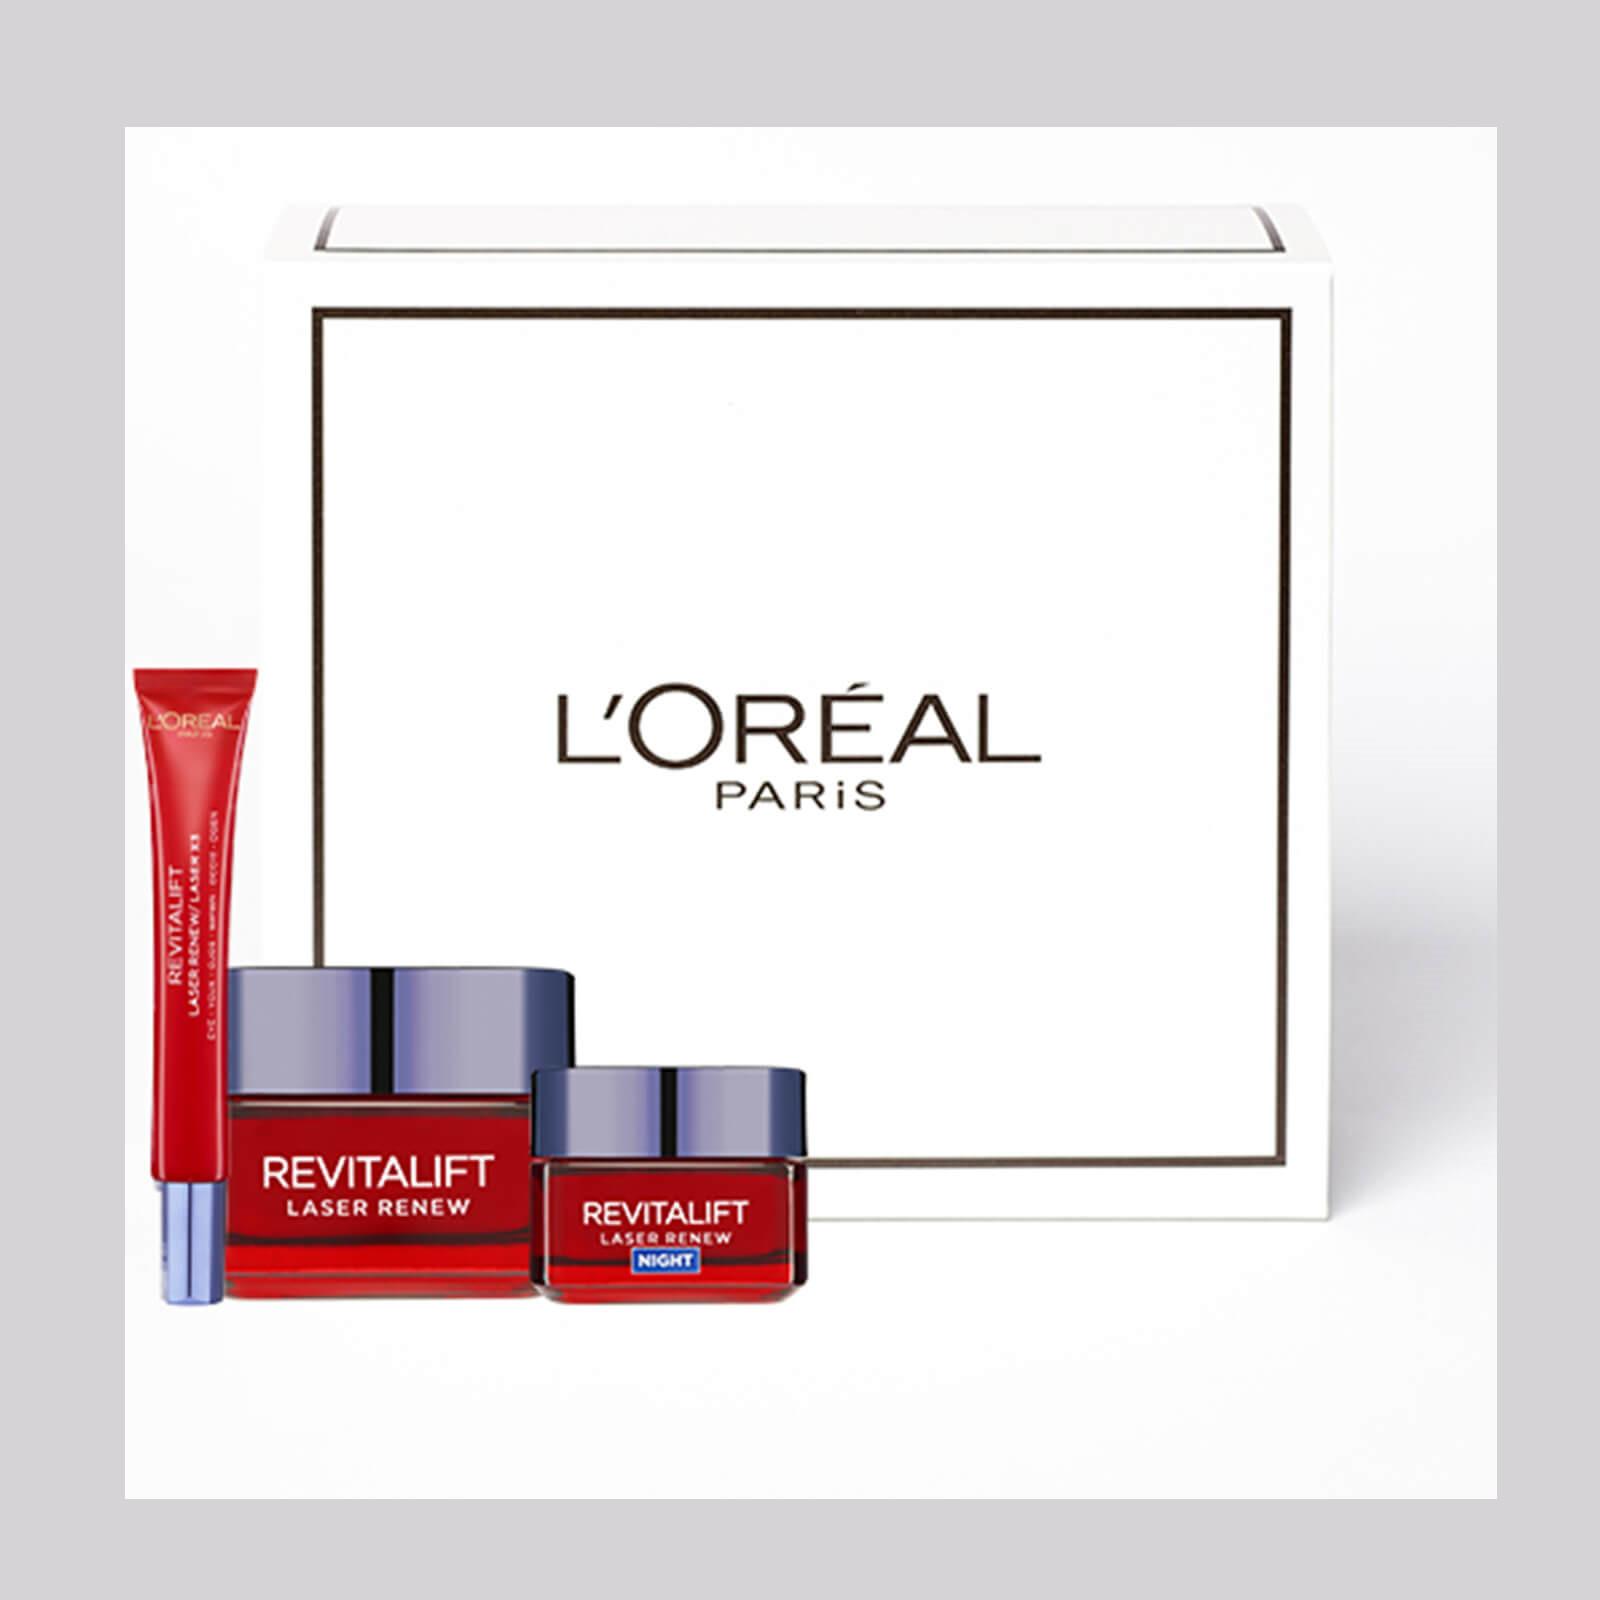 性价比王者! L'Oréal Paris/巴黎欧莱雅 焕肤抗衰老保湿套组